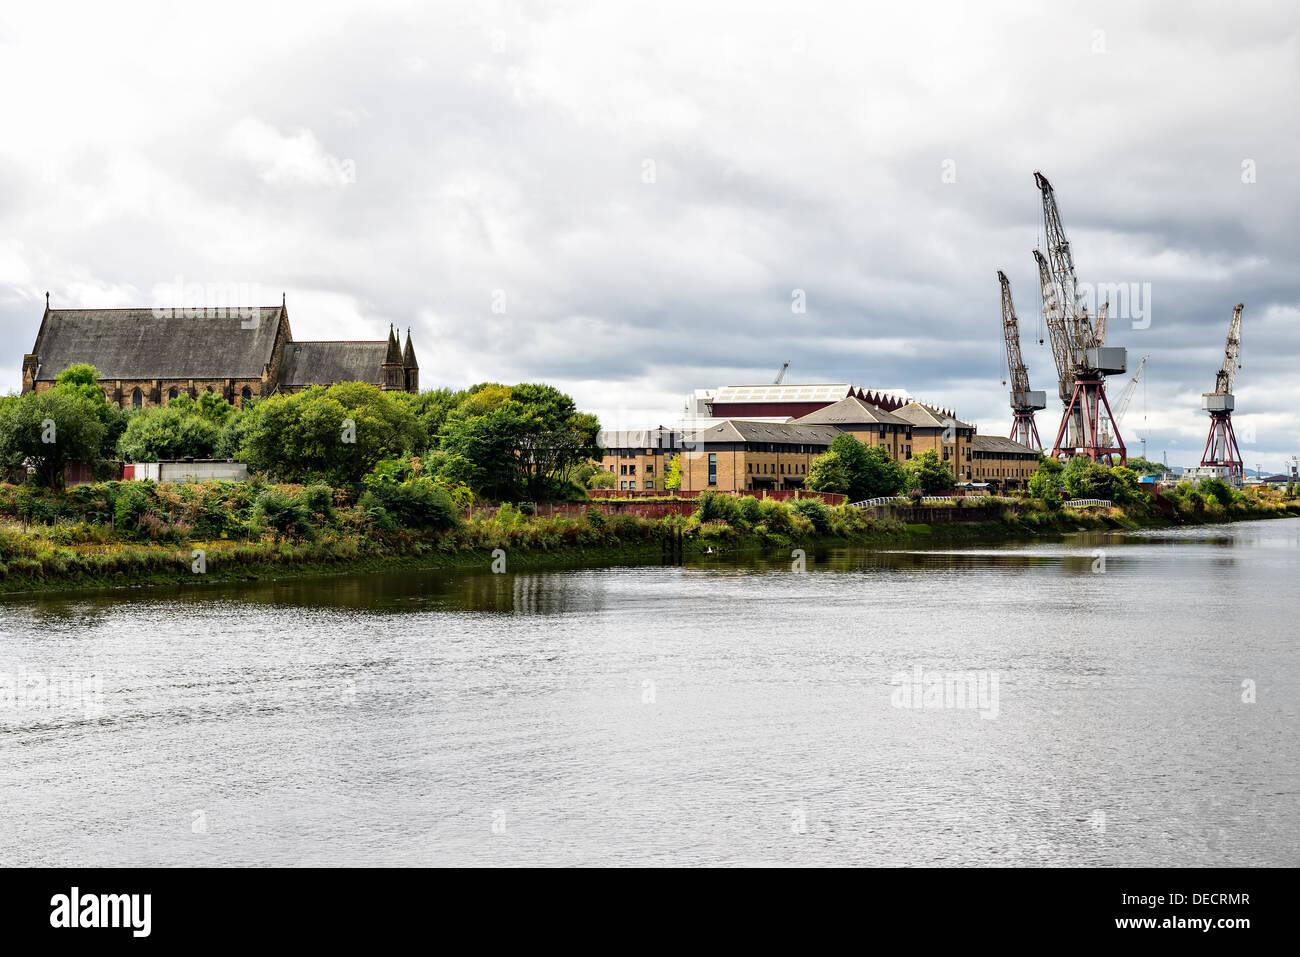 Vue sur la rivière Clyde, Glasgow, Écosse, Royaume-Uni Banque D'Images